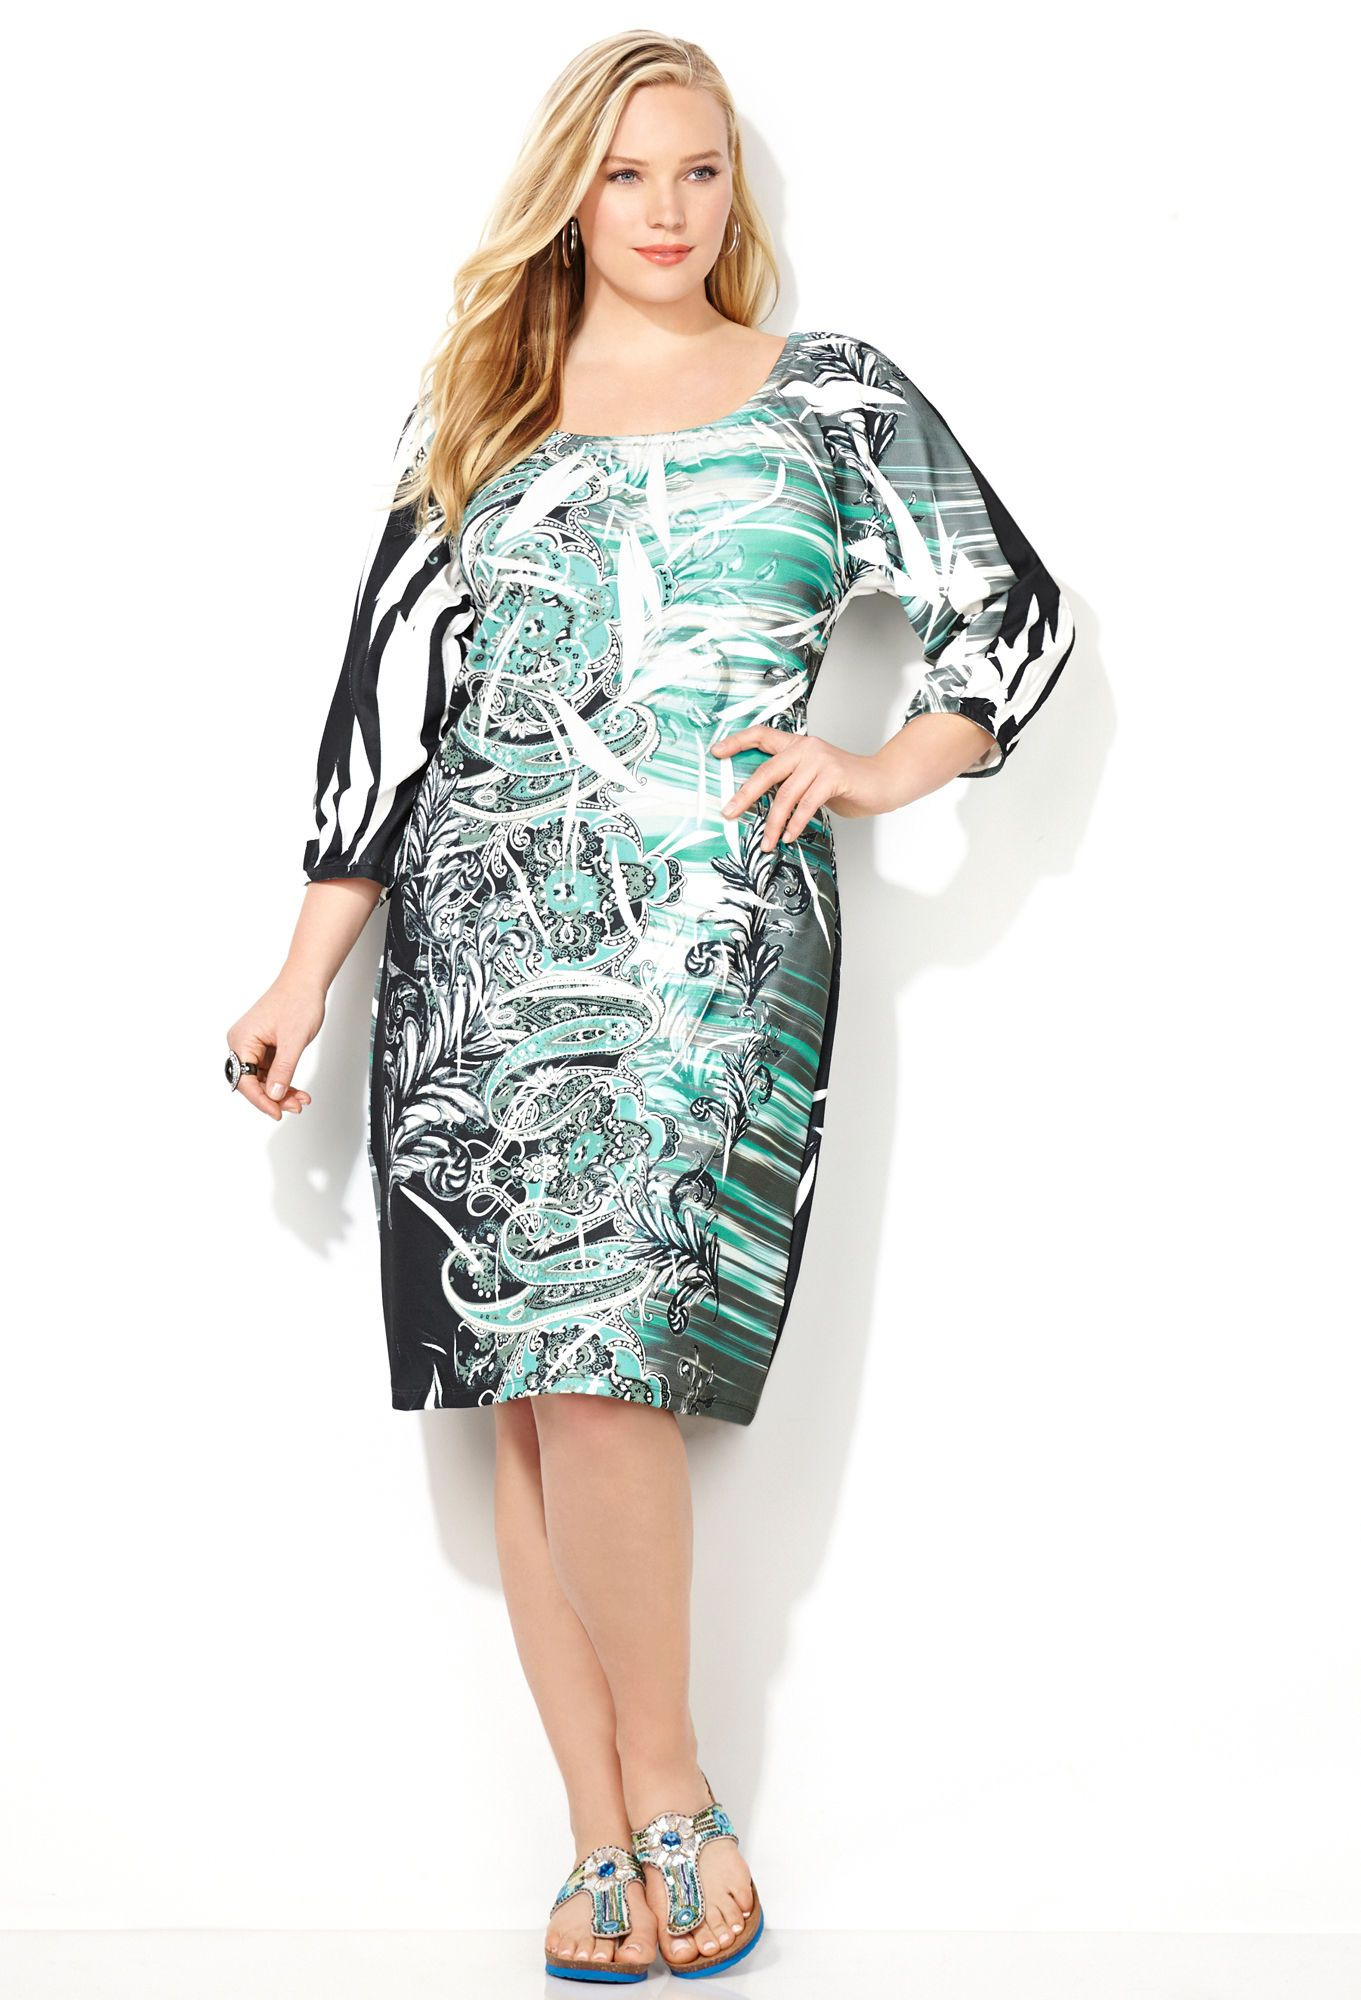 Shop Plus Size Dresses | Avenue.com in 2019 | Plus size ...